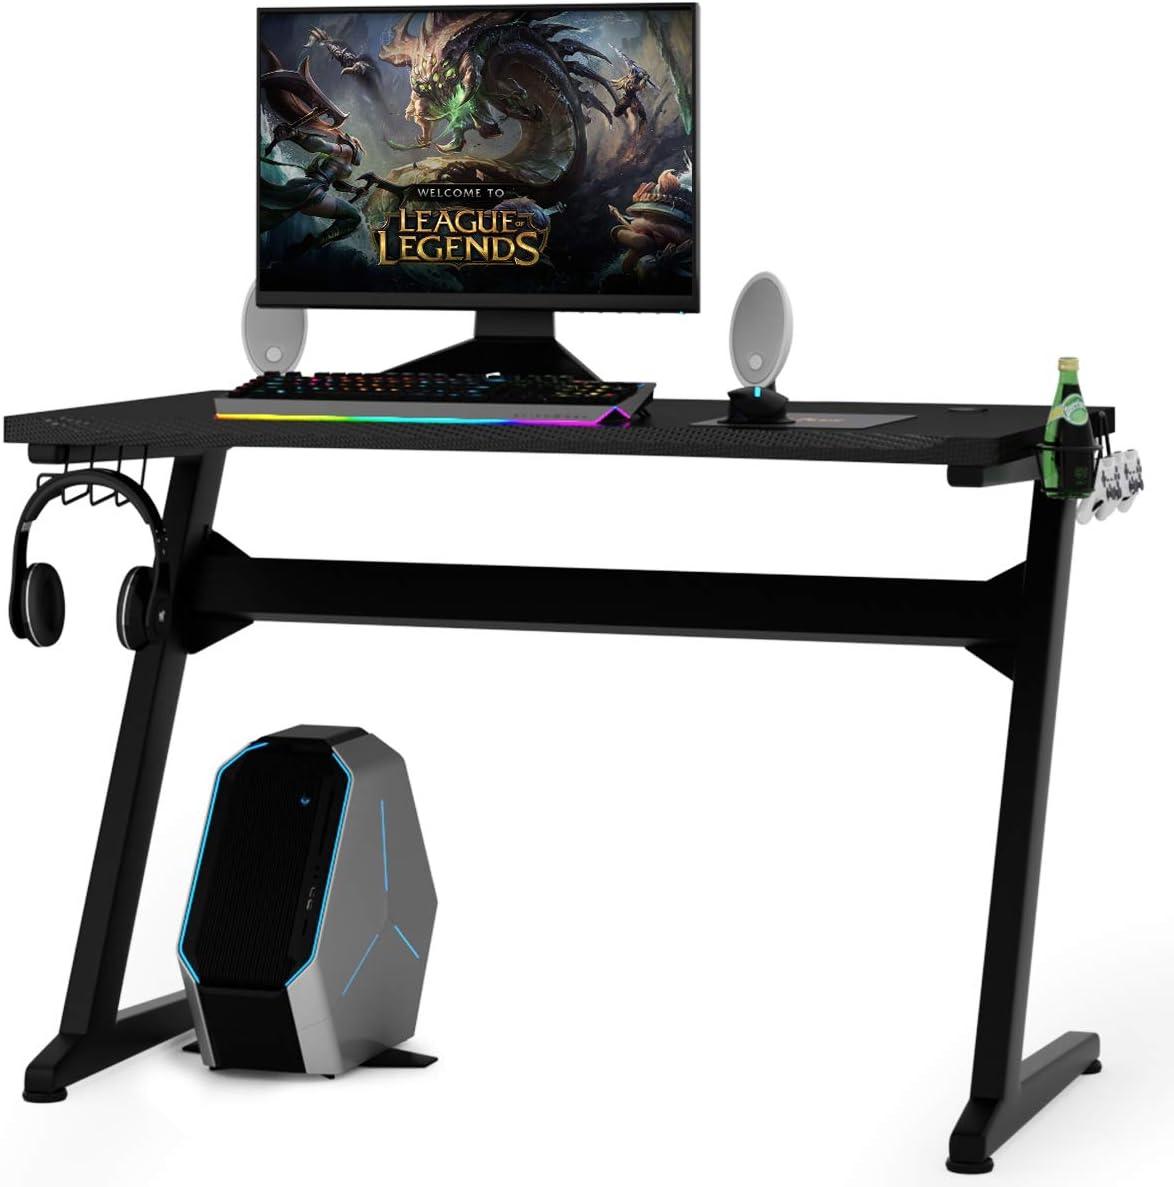 schwarz und rot COSTWAY Z-f/örmige Gaming Tisch PC Tisch mit Becherhalter Schreibtisch f/ür Zuhause oder B/üro Kopfh/örerhaken und Boxenst/ändern Computertisch